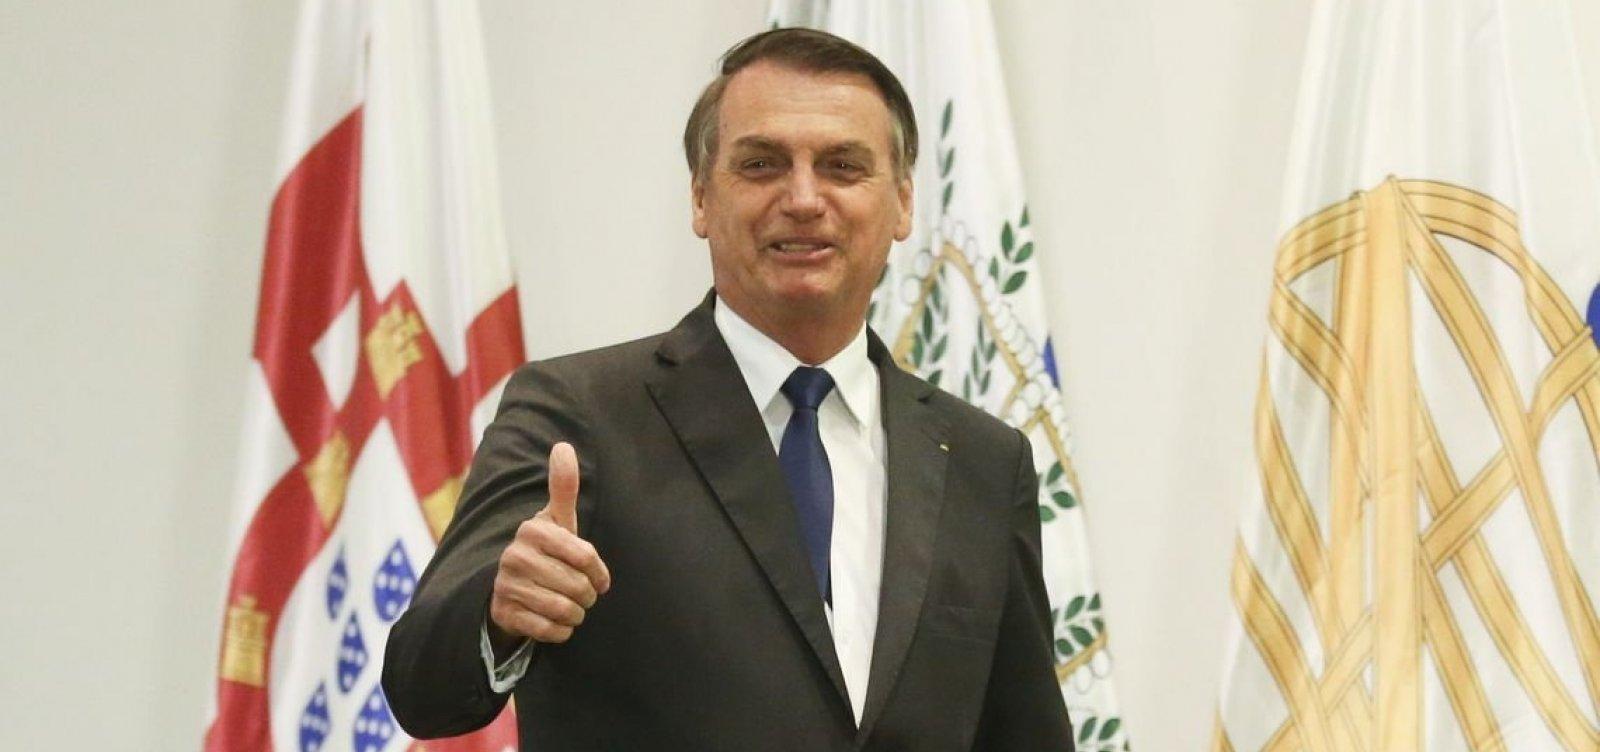 Aliados tentam transferir homenagem a Bolsonaro para Dallas